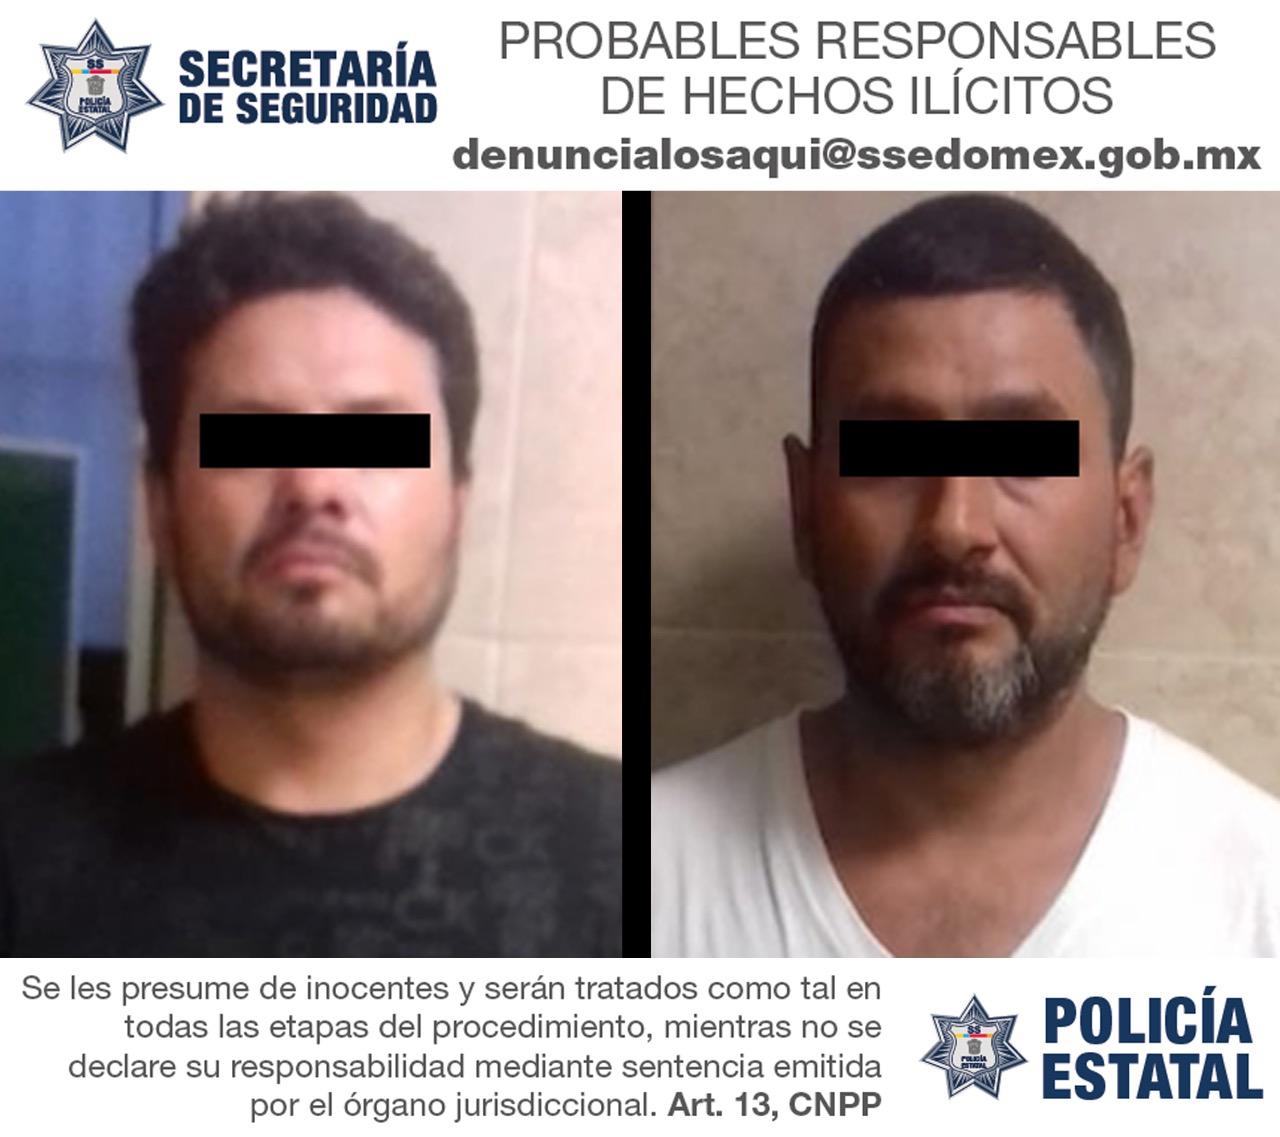 Secretaría de seguridad captura a probables implicados en el robo de tracto camión